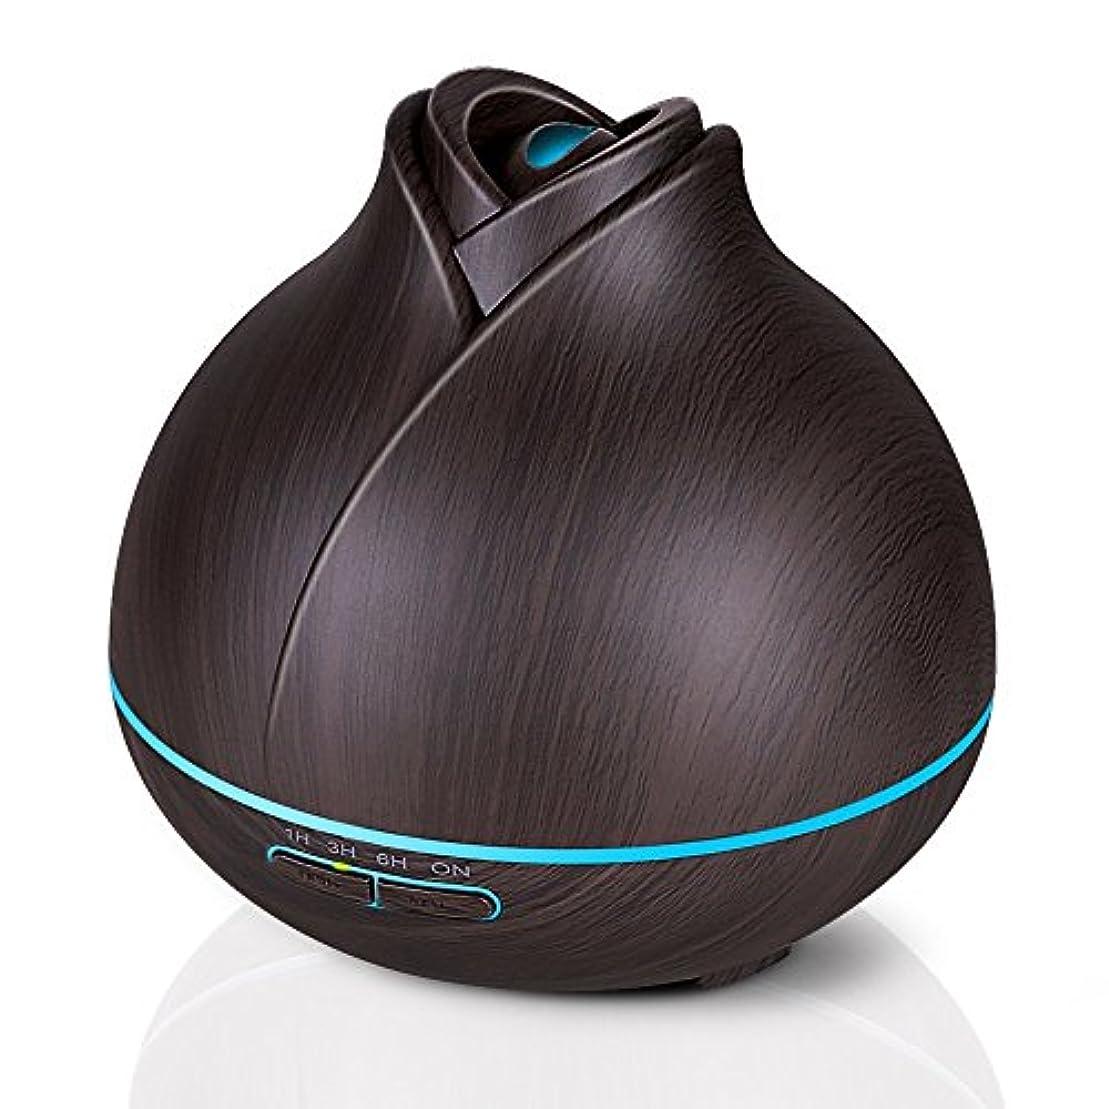 パン屋無視できる入り口エッセンシャルオイルディフューザー、400ミリリットル電気超音波クールミスト加湿器アロマディフューザー、7色LEDライト付き空気清浄機